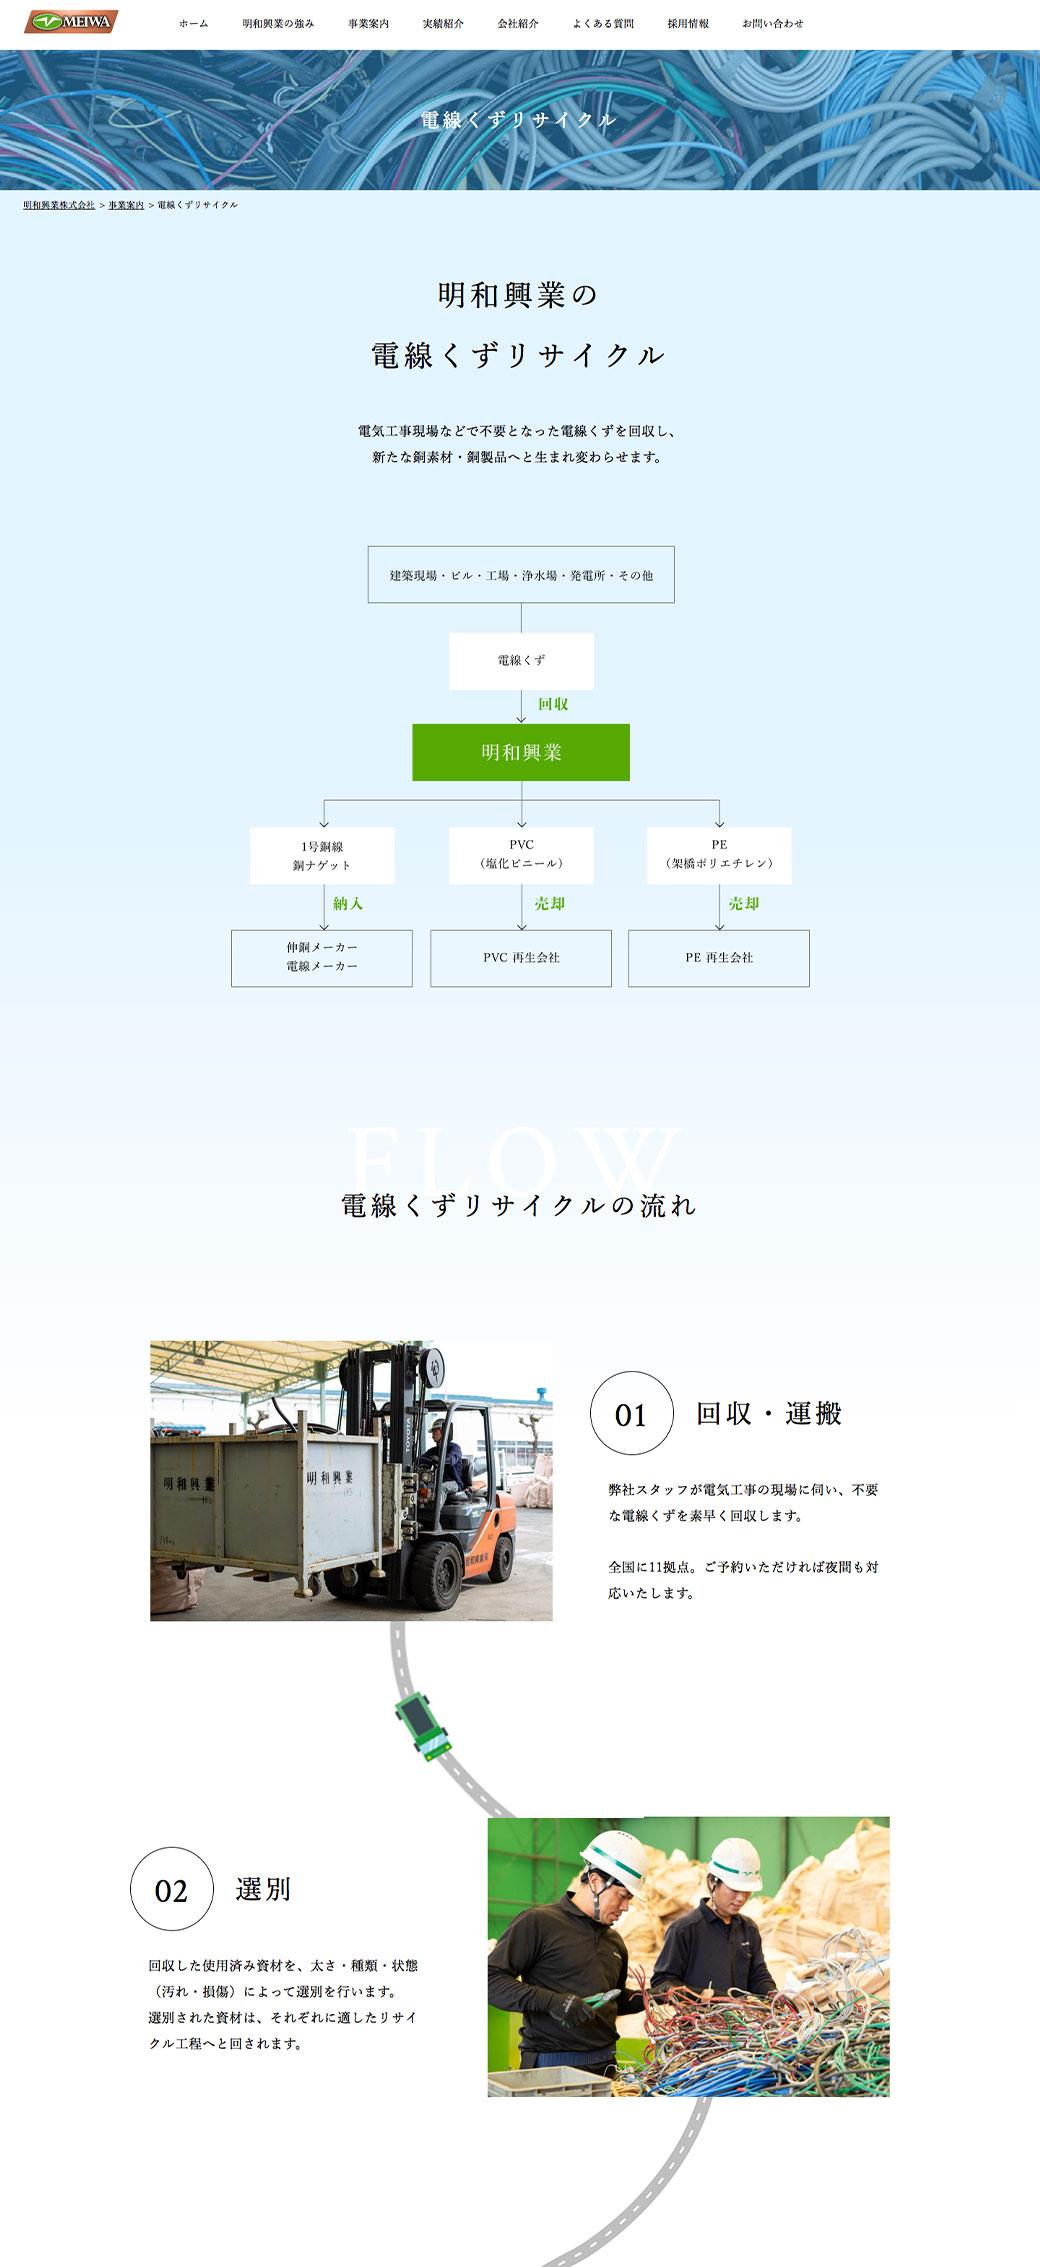 電気くずリサイクル事業